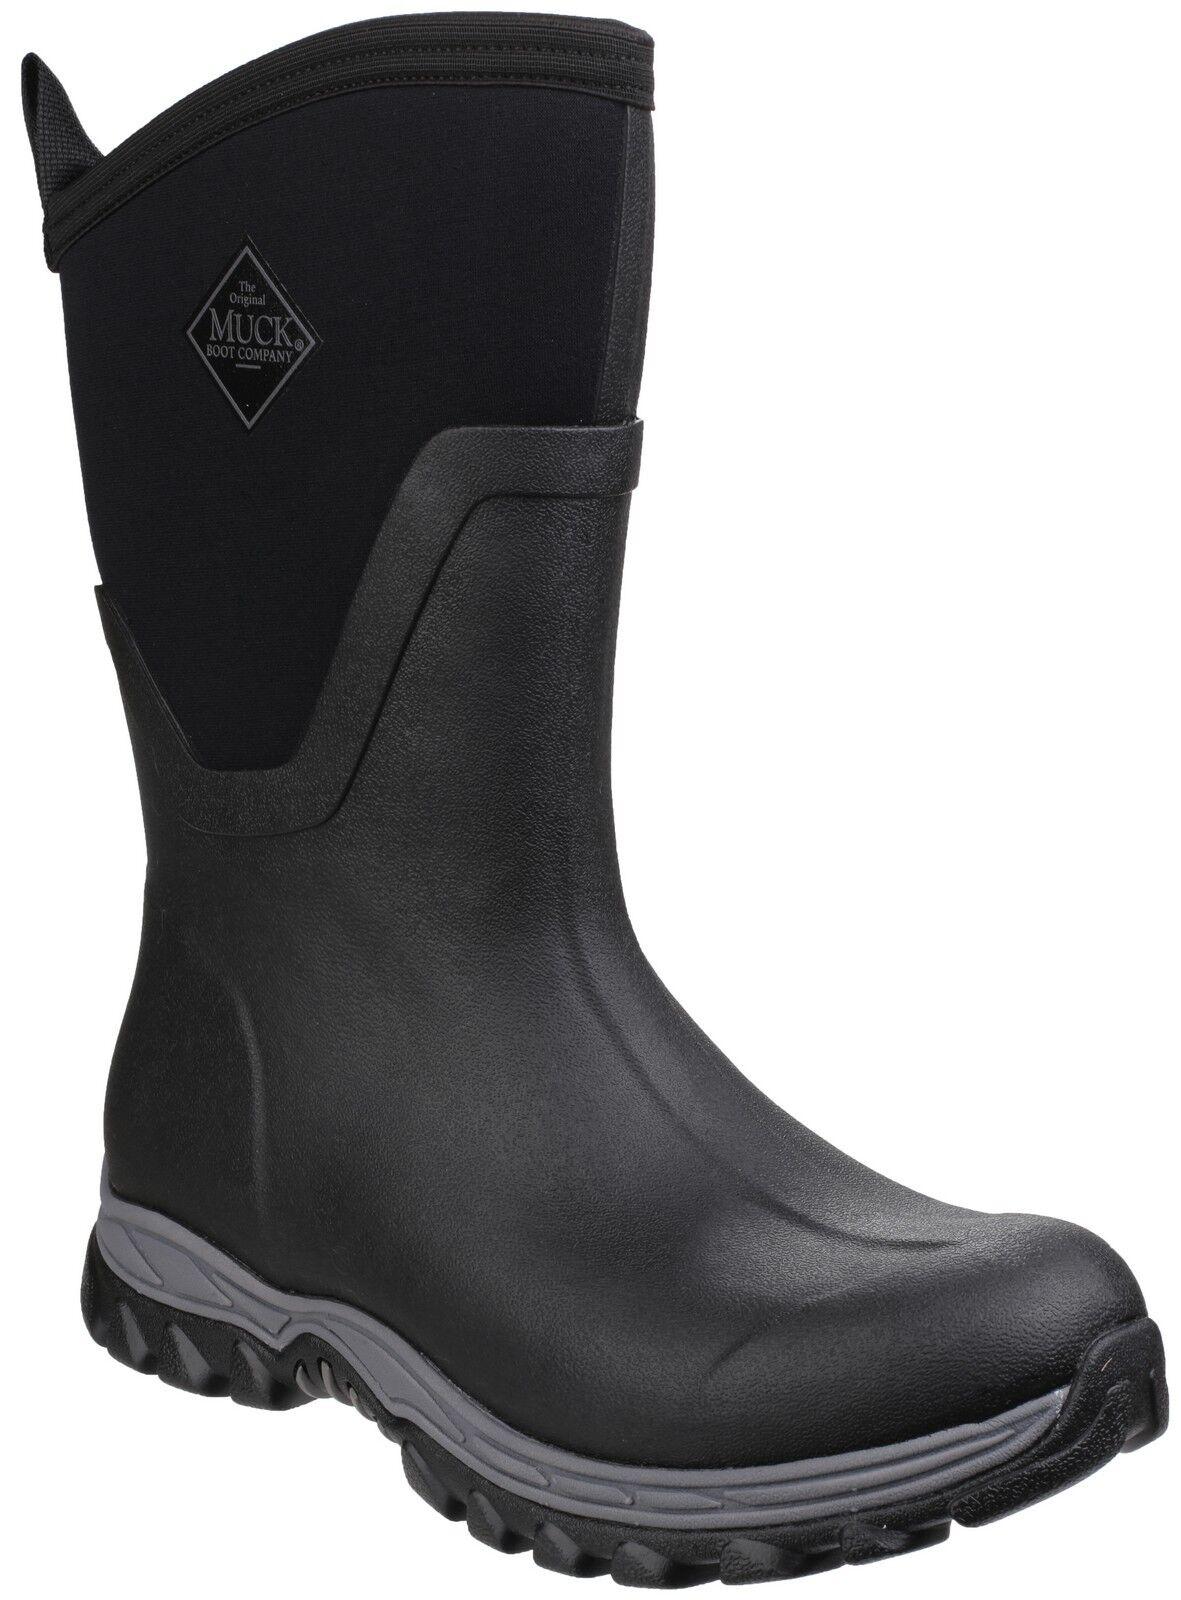 Muck Boots IMPERMEABILE Arctic Sport metà Wellington IMPERMEABILE Boots lavoretto nere da donna 24cf69